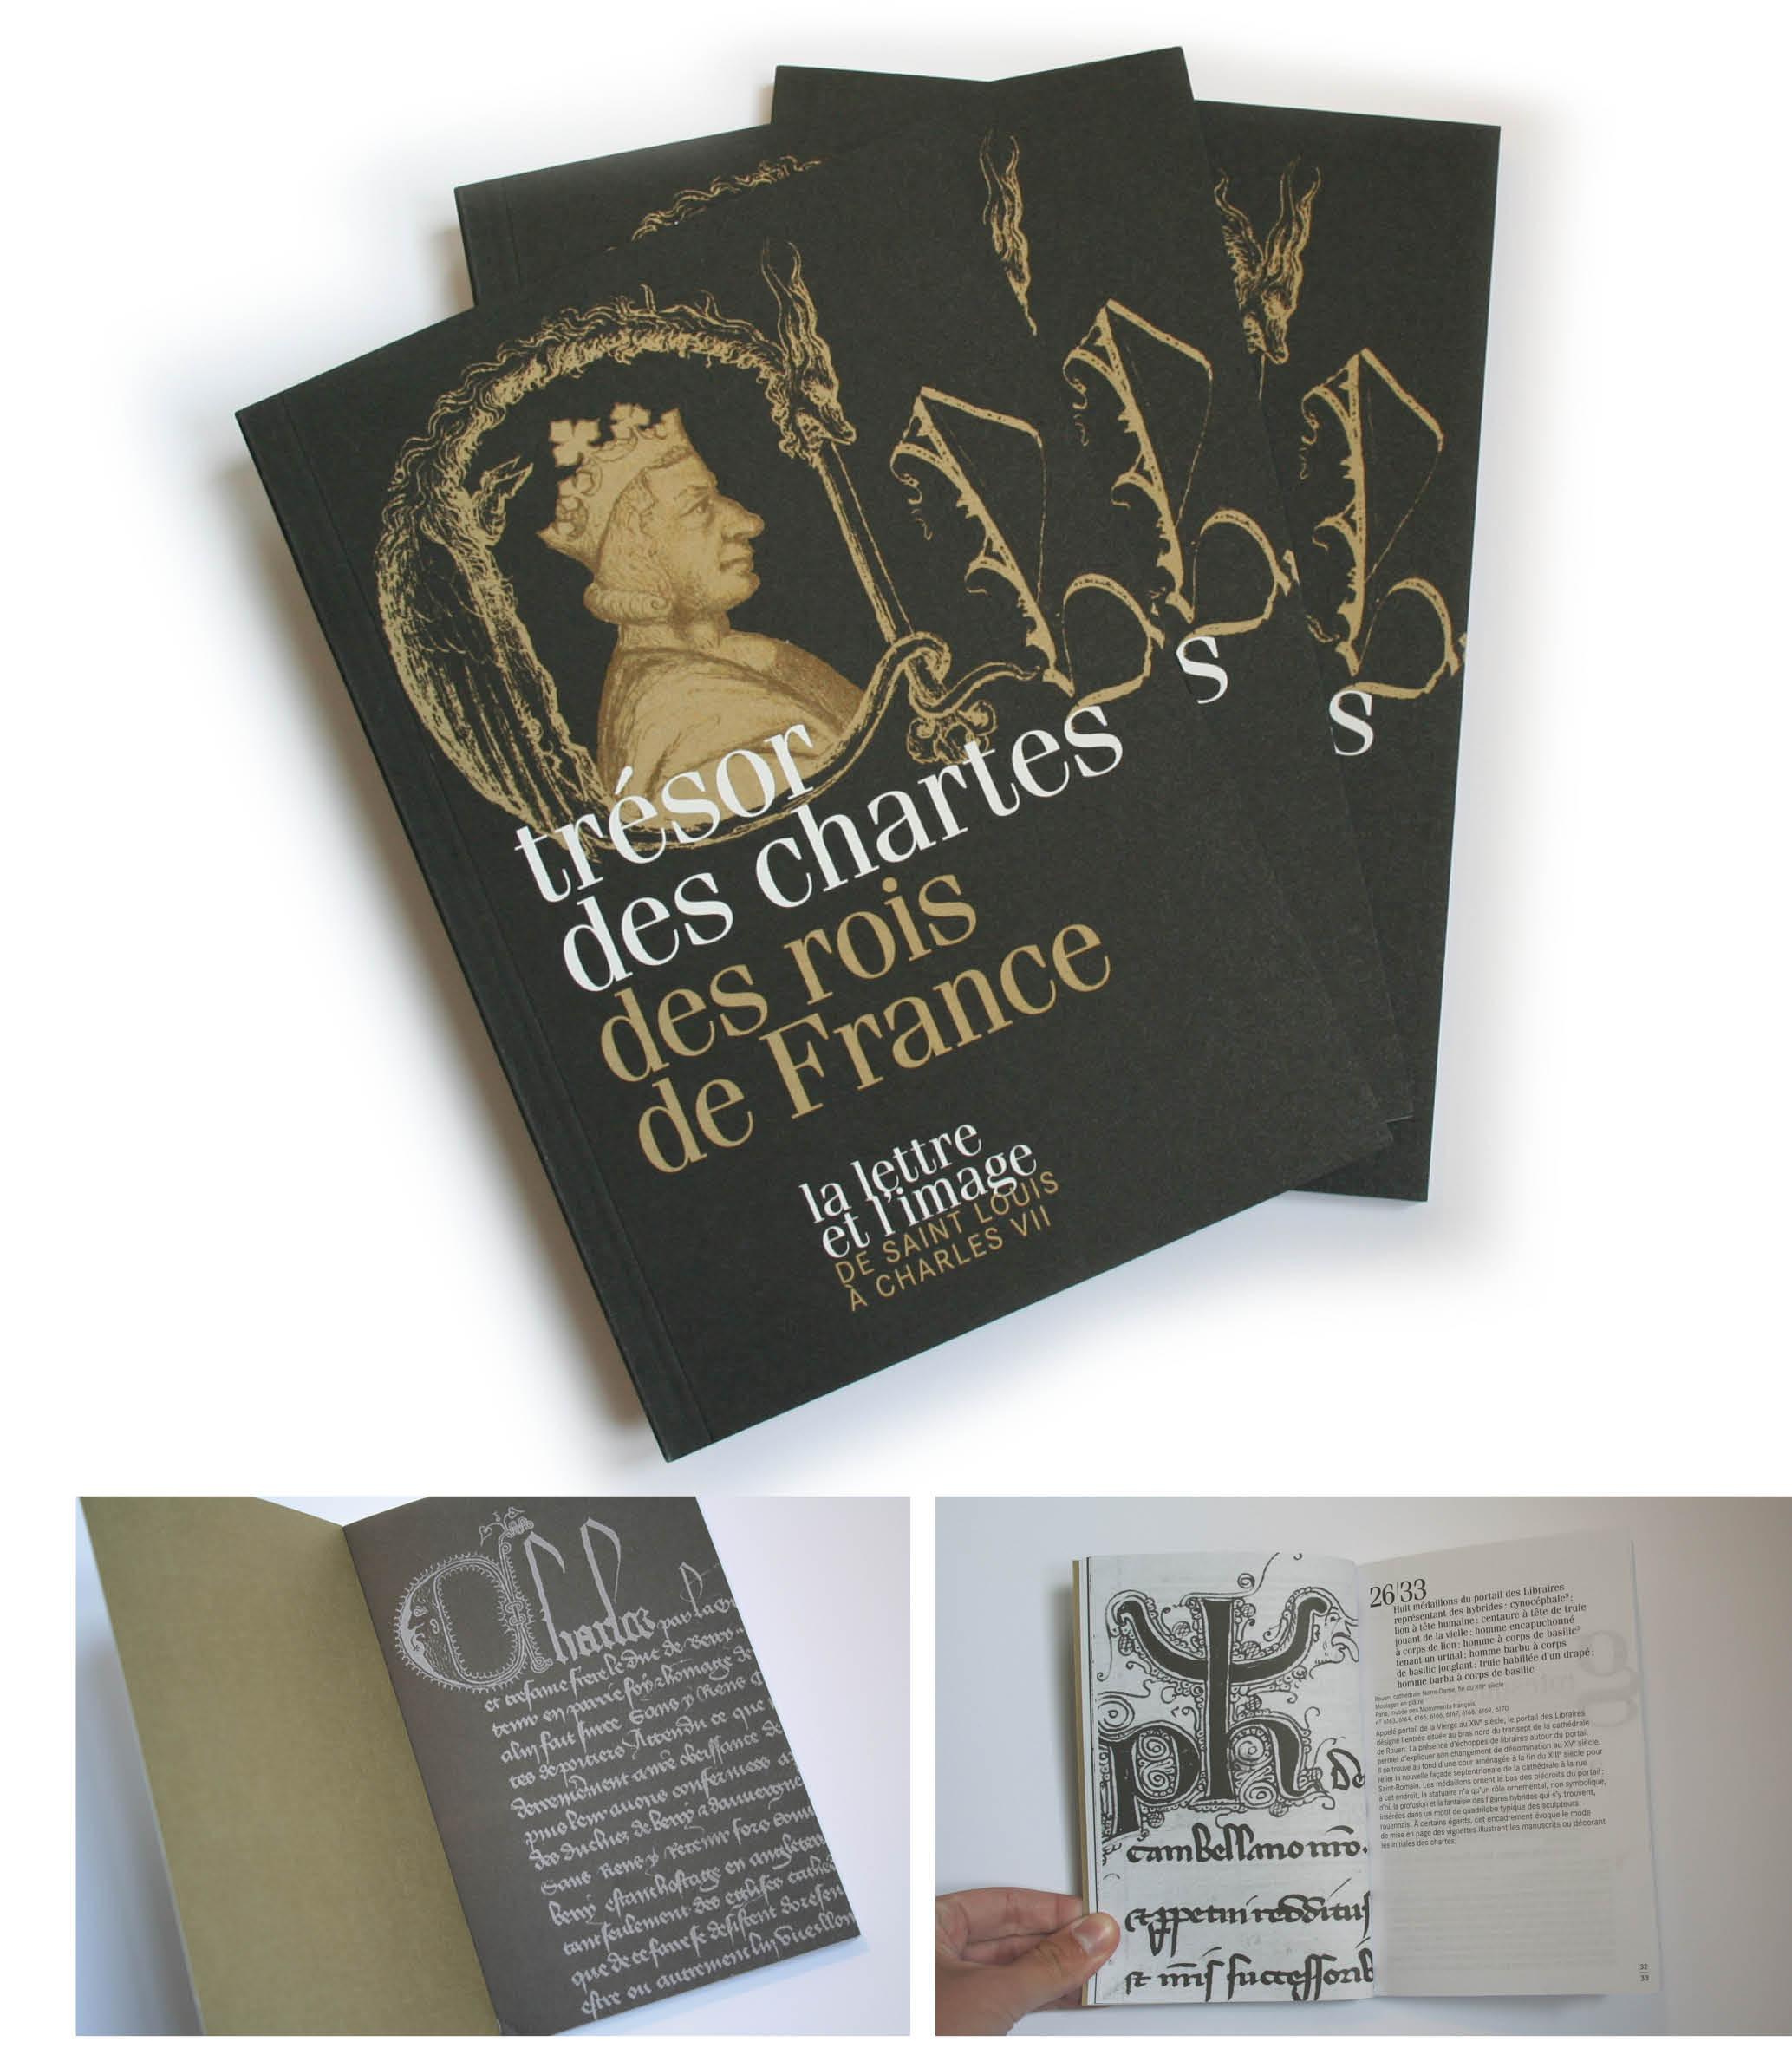 Trésor des chartes de Rois de France